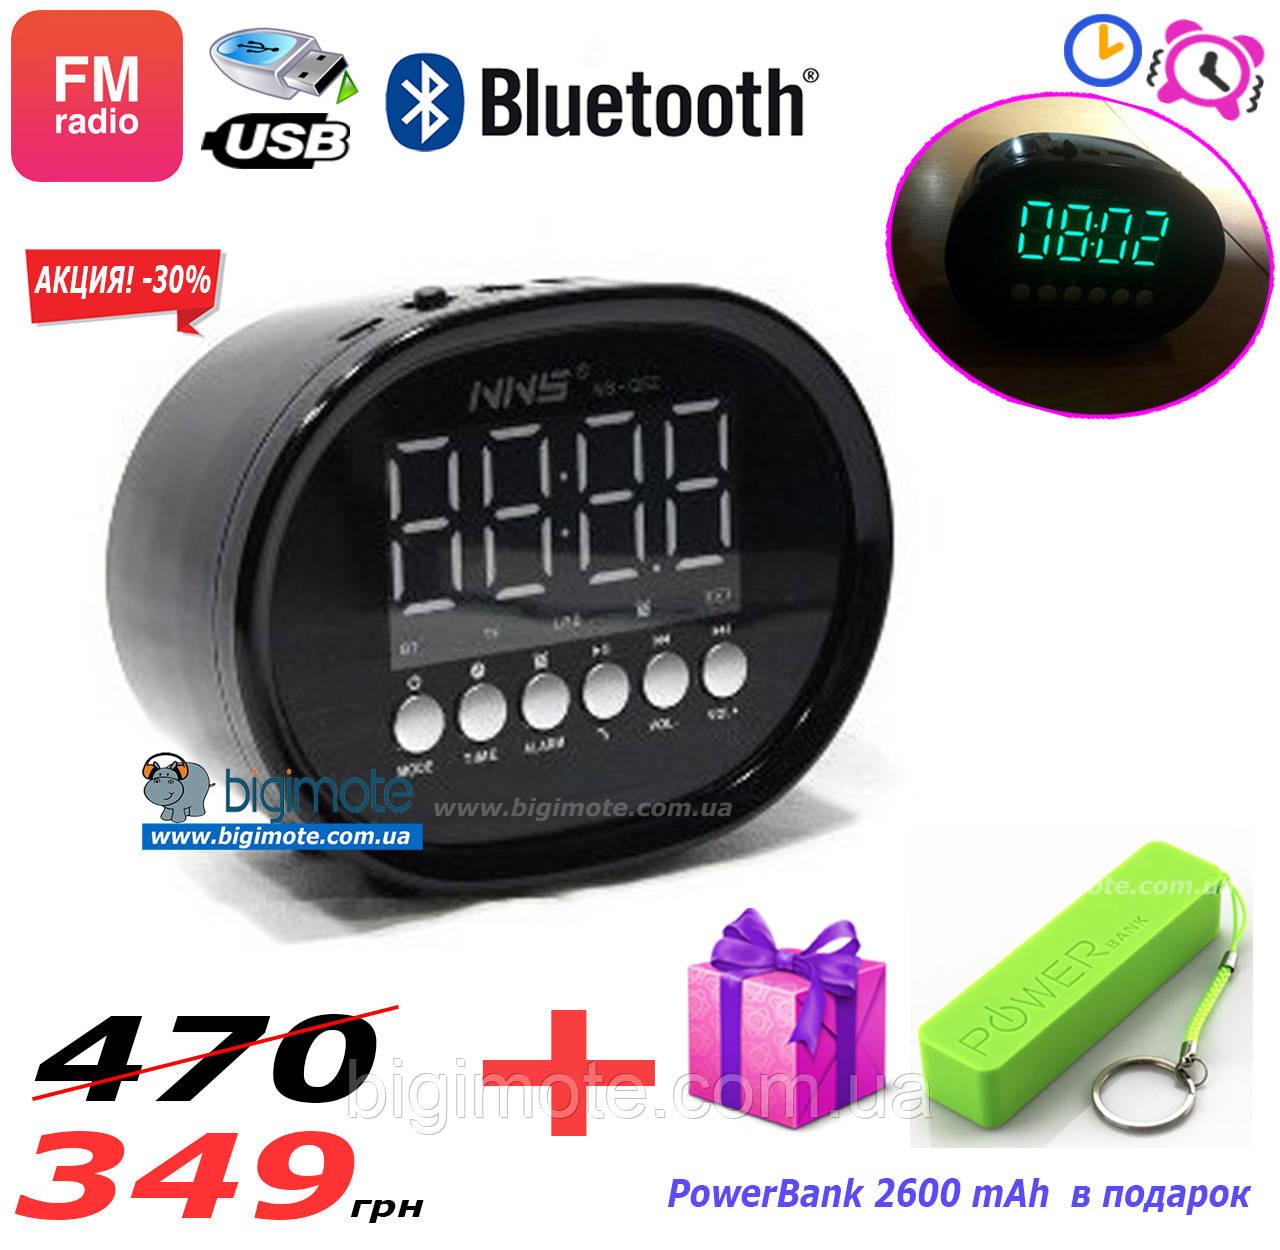 Качественный ФМ Радиоприемник NS, качественный радиоприемник,фм радио,часы,будильник, фм радиоприемник,NS Q52,